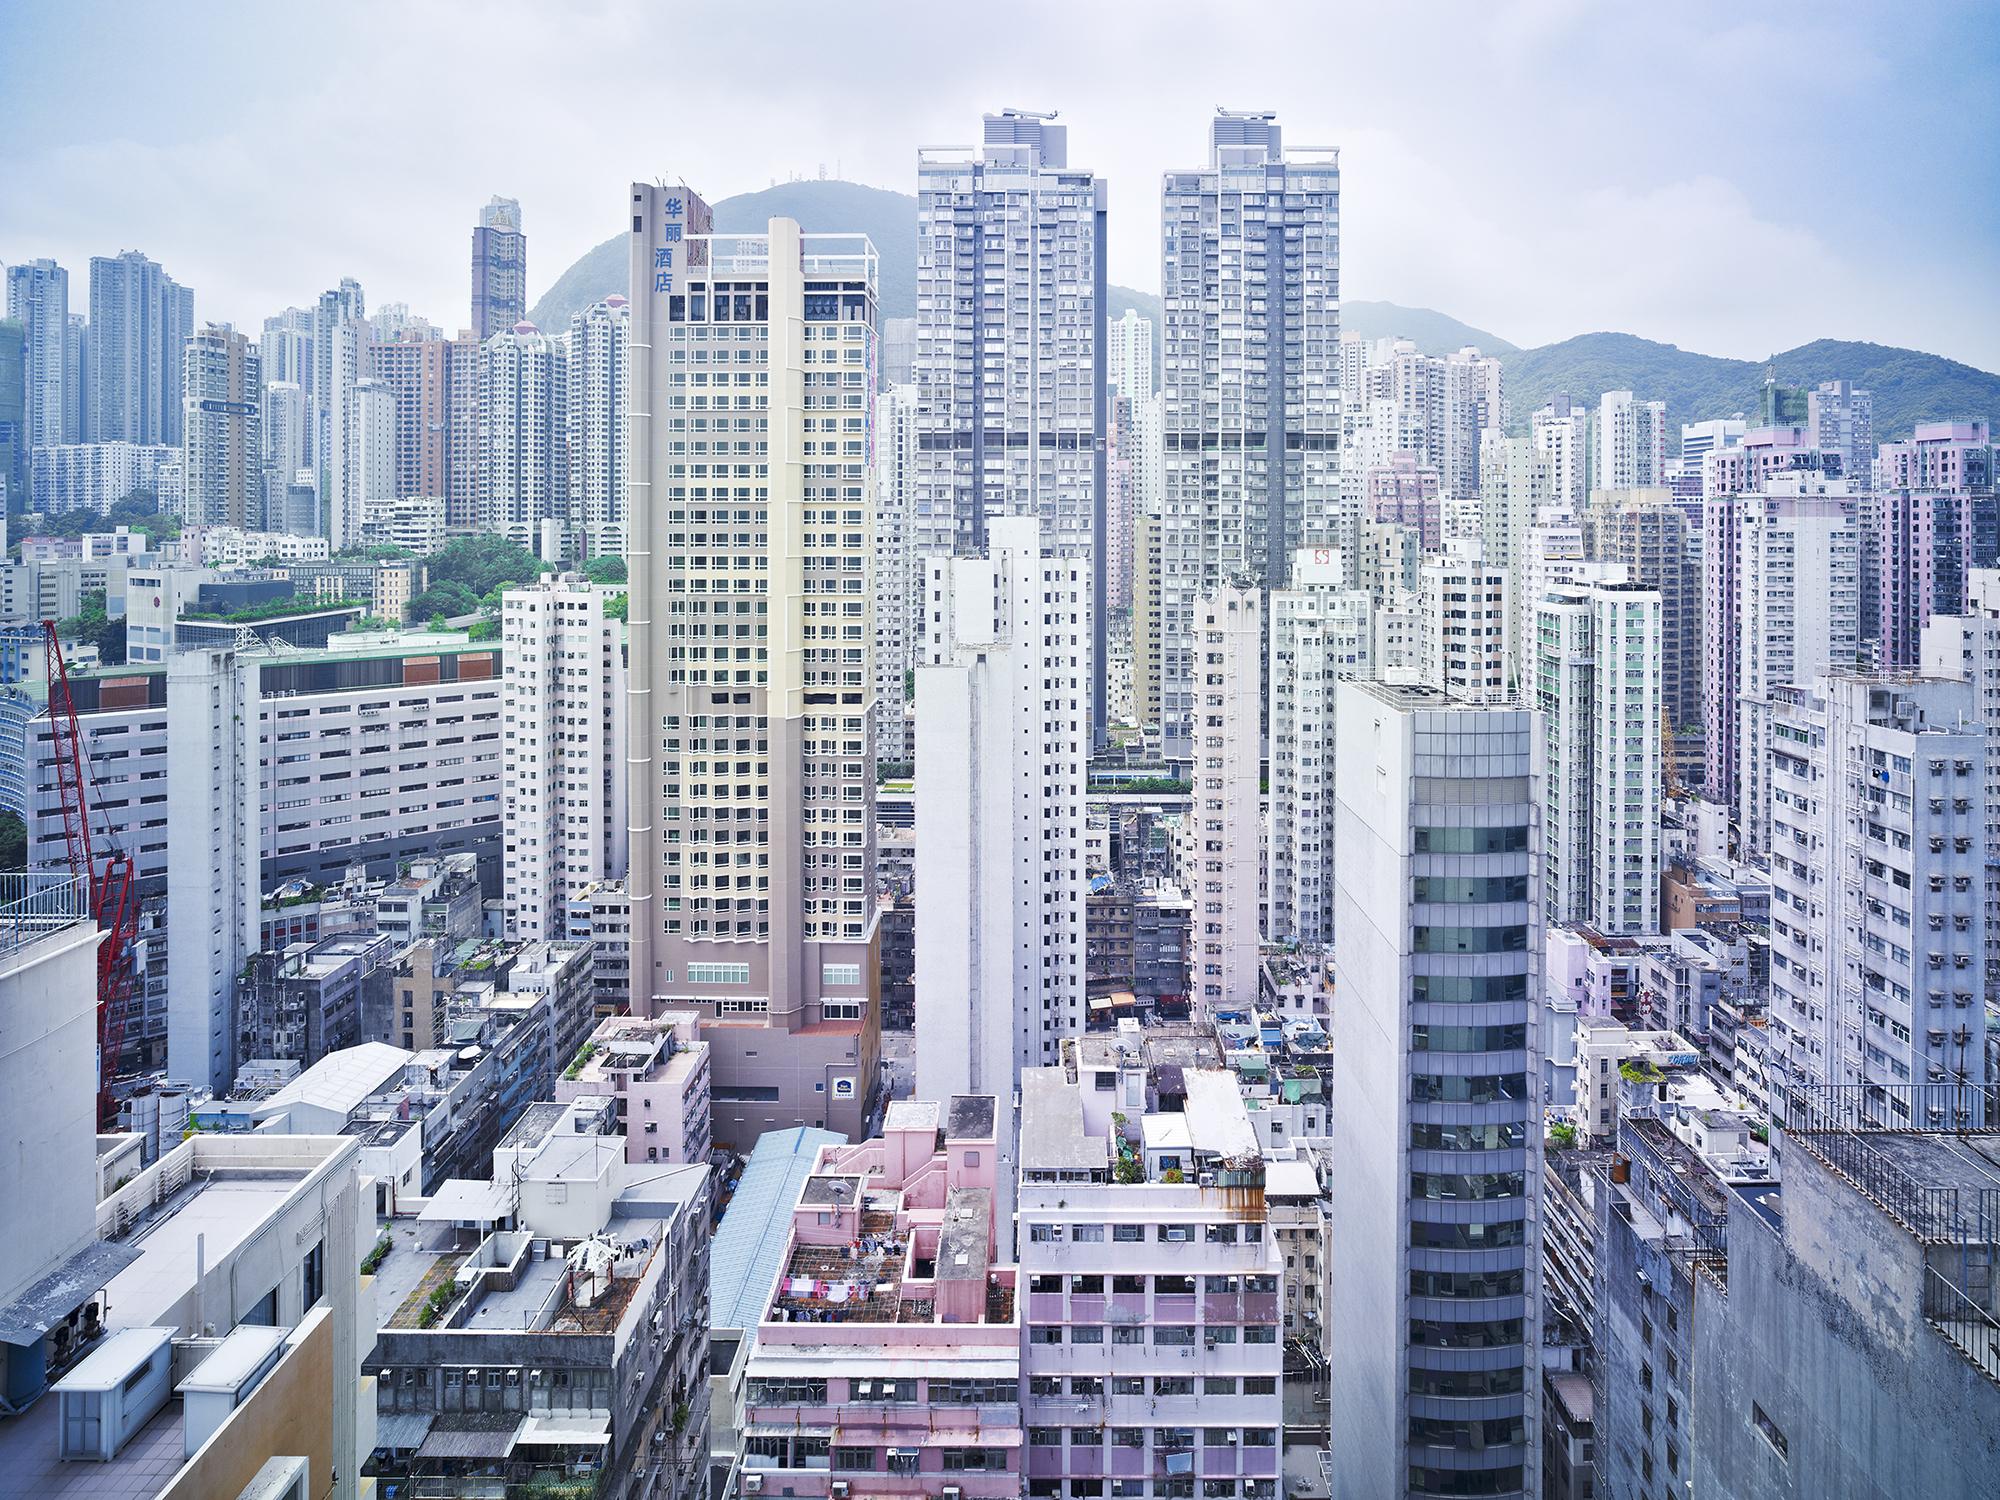 Hong Kong (XI 78.4)